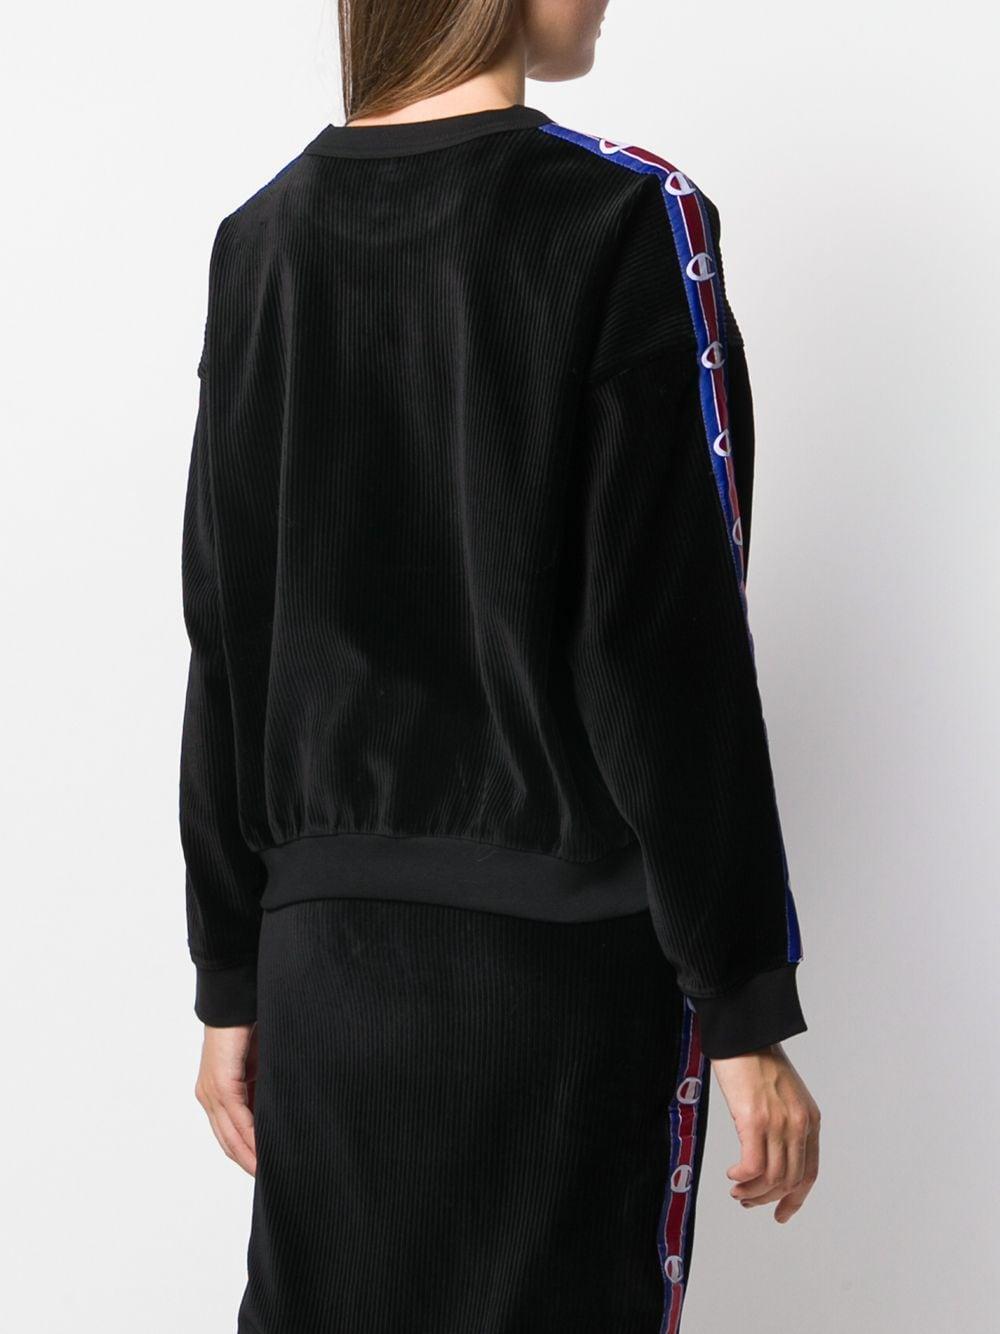 Sudadera holgada con logo Champion de Tejido sintético de color Negro